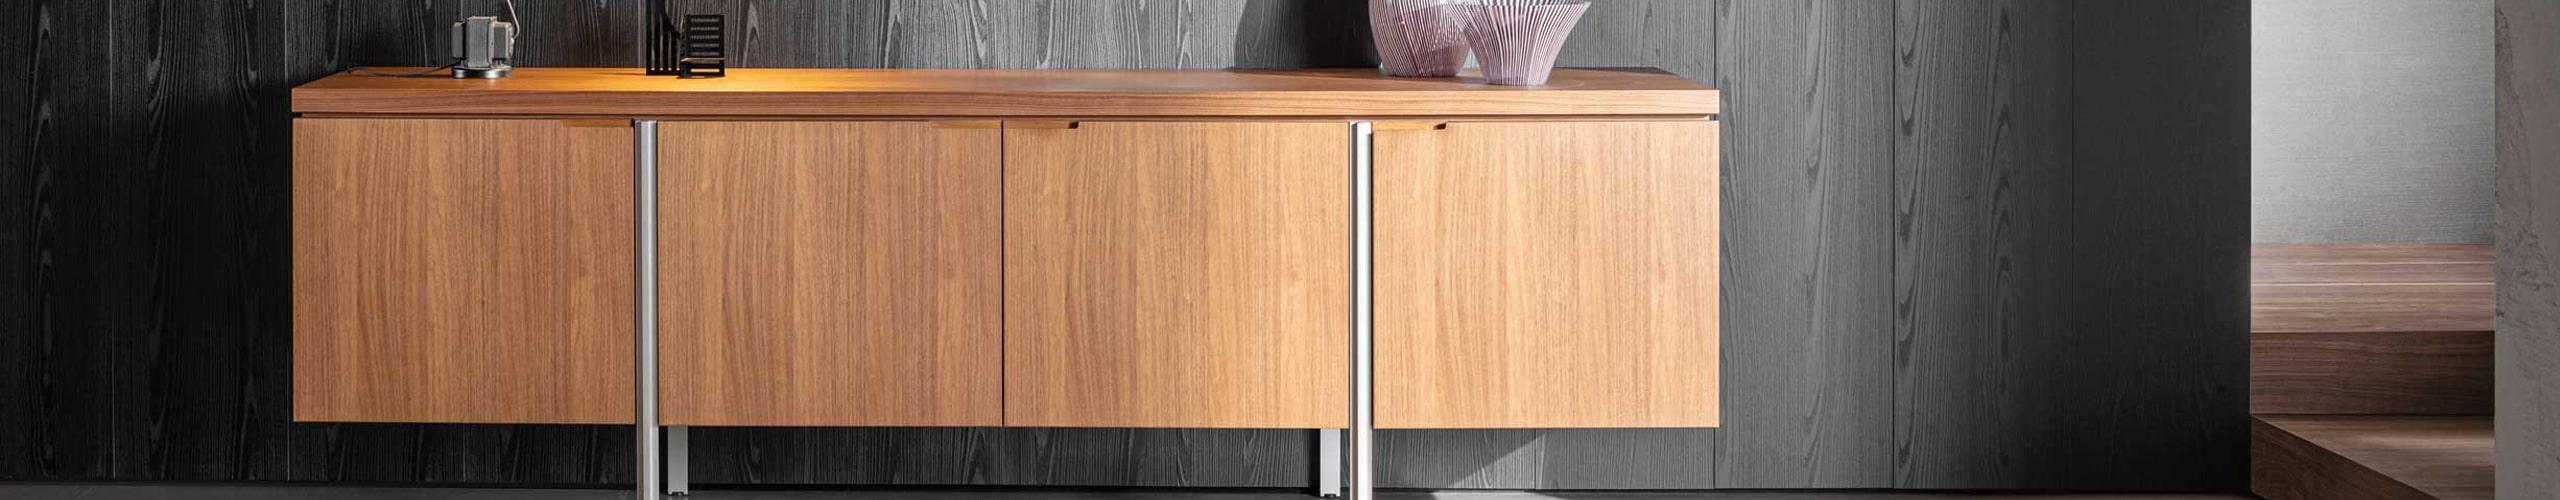 madie-e-contenitori-lusso-design-mobili-progettazione-interni-lecce-brindisi-taranto